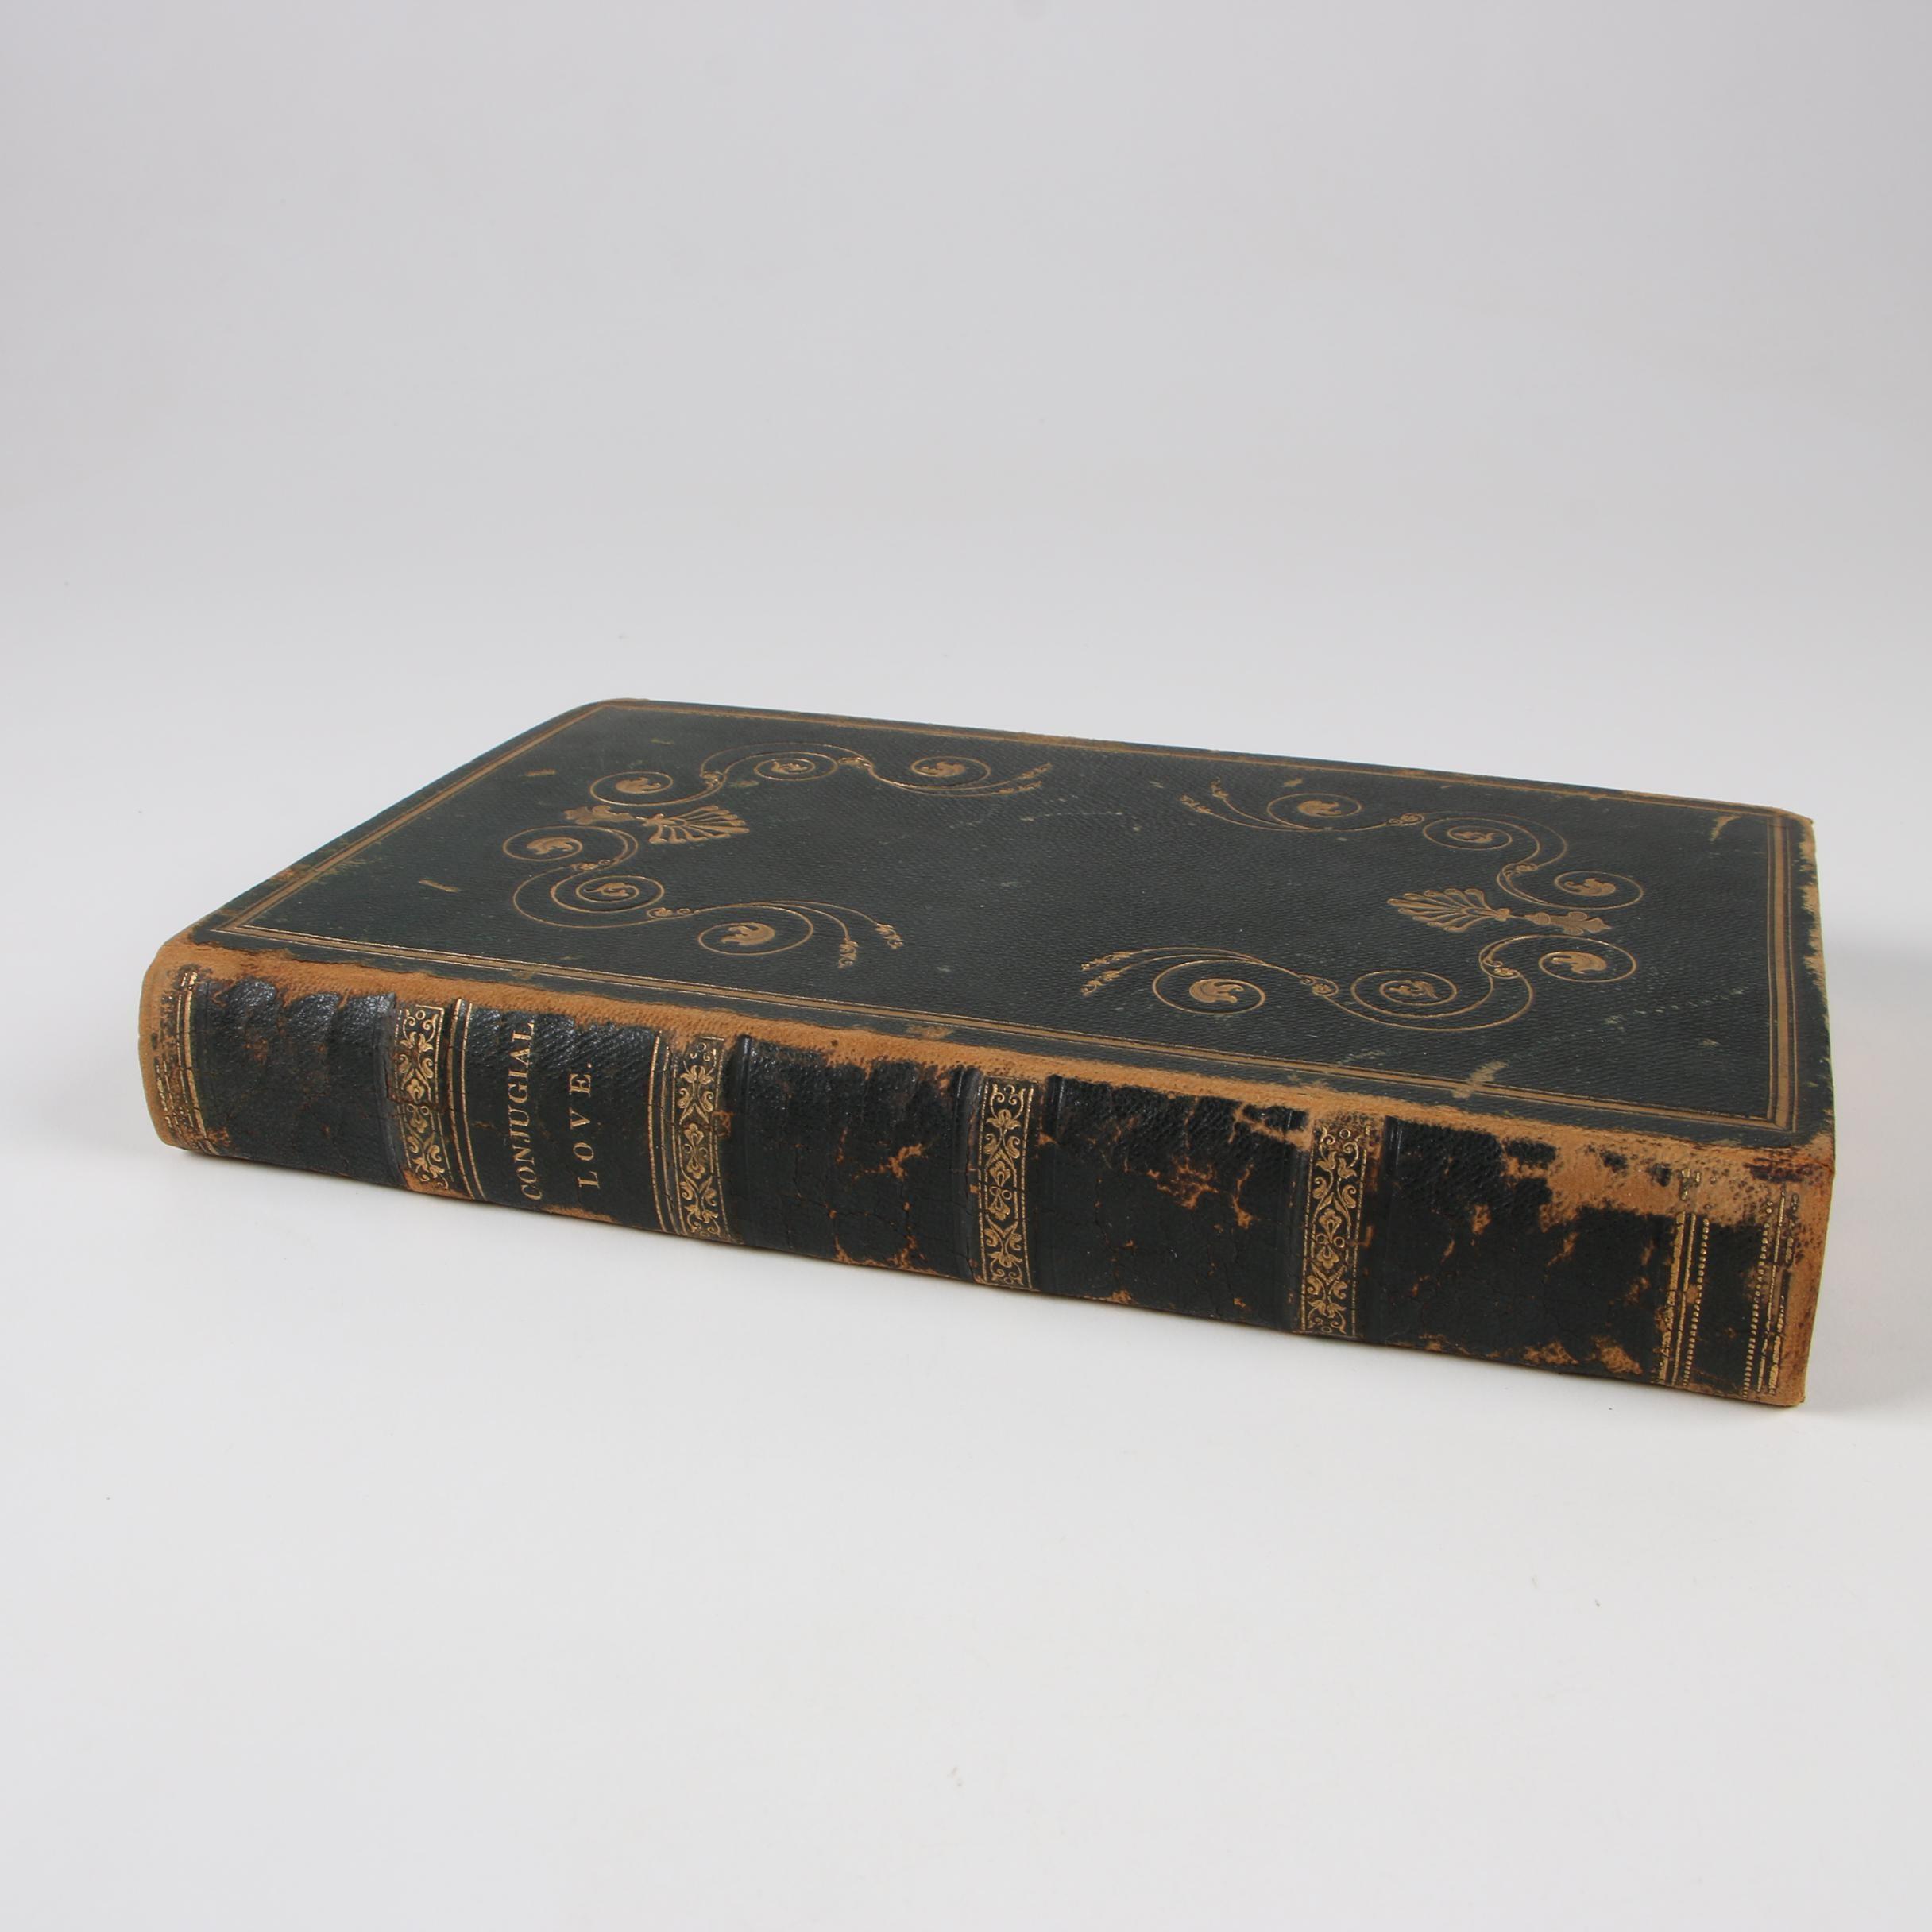 """""""Delights of Wisdom Concerning Conjugial Love"""" by Emanuel Swedenborg, 1833"""